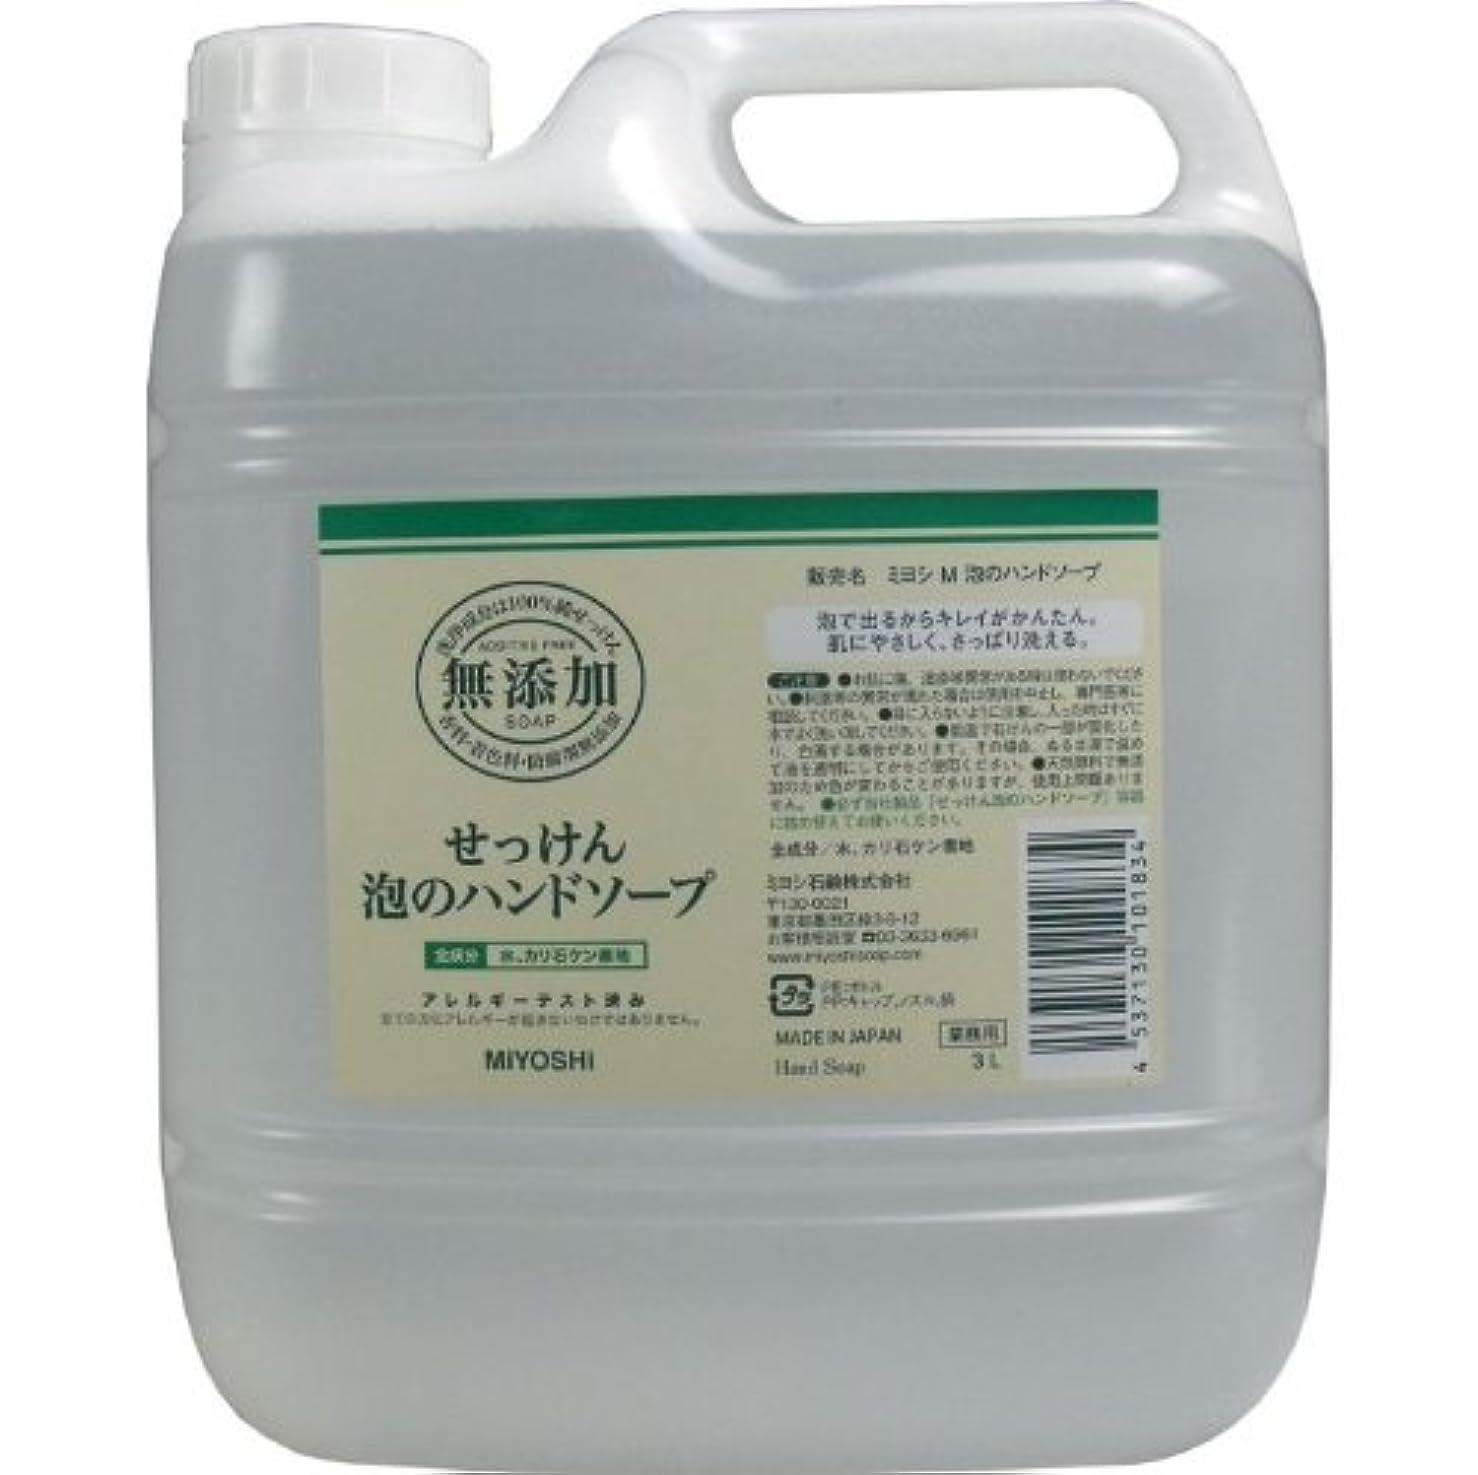 スナック品揃えプロトタイプ泡で出るからキレイが簡単!家事の間のサッと洗いも簡単!香料、着色料、防腐剤無添加!(業務用)3L【5個セット】